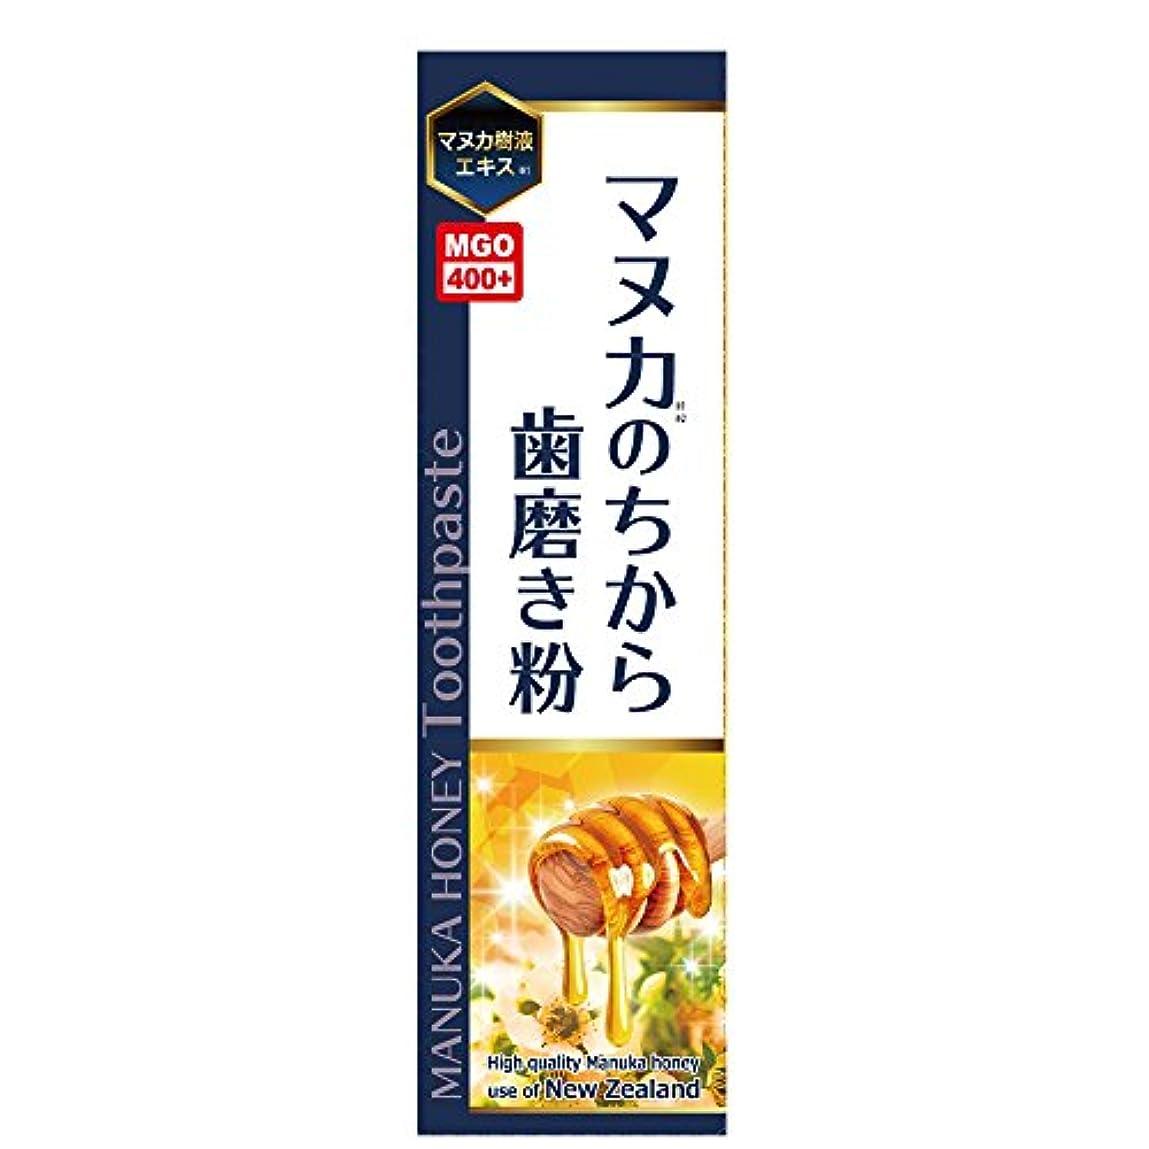 突然の不良品ジョセフバンクスマヌカのちから歯磨き粉 ハチミツレモン味 100g